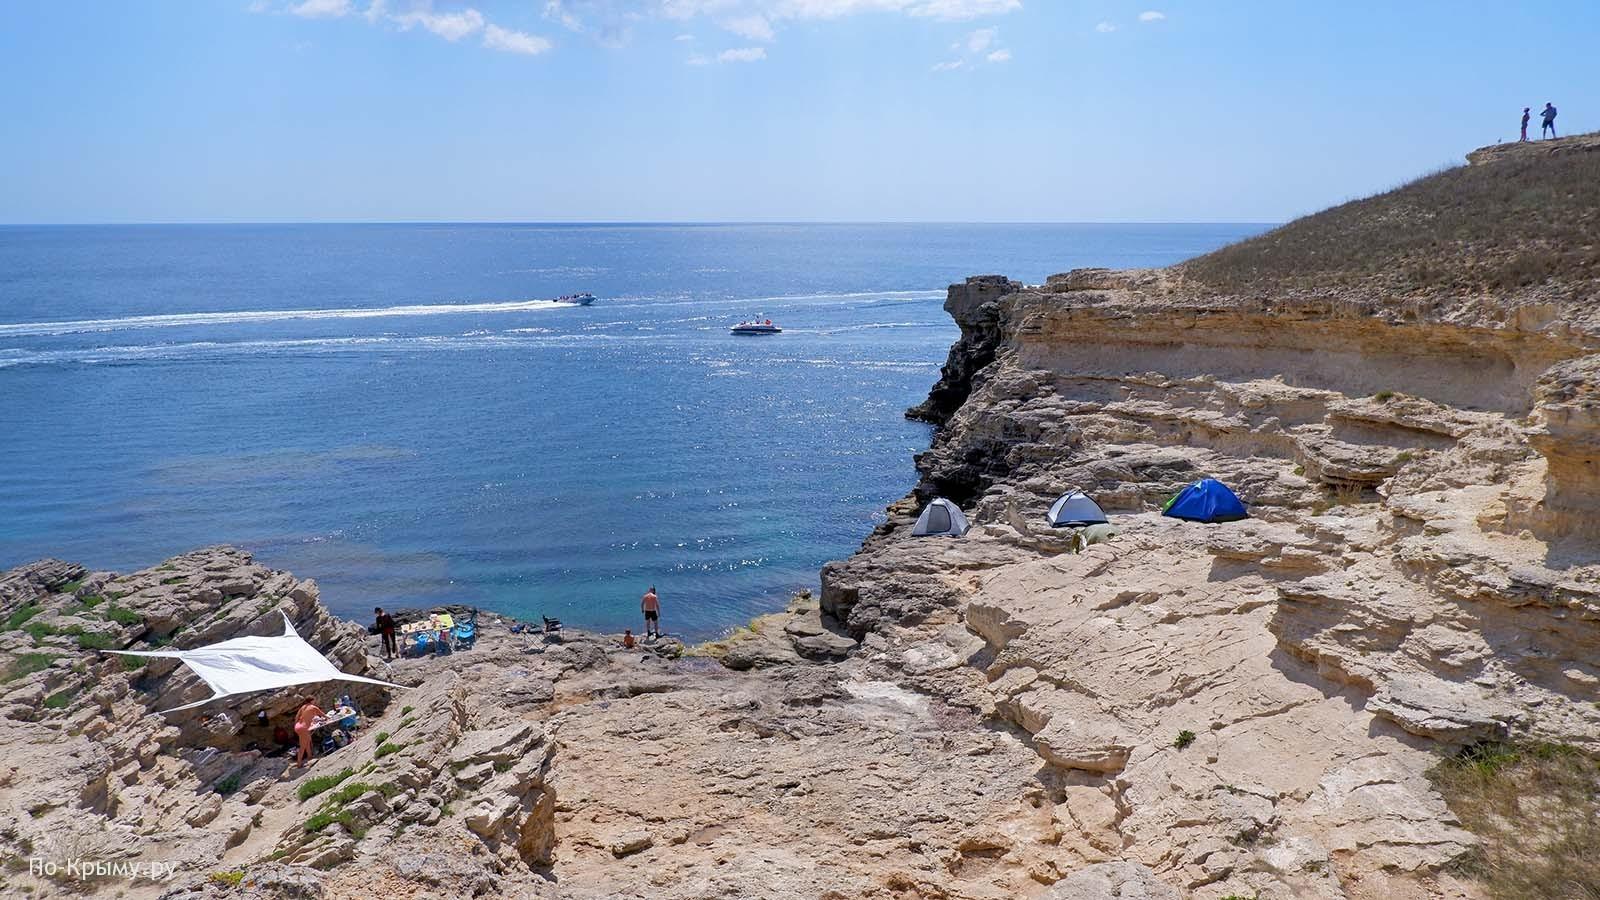 Отдых дикарями на Тарханкутском полуострове